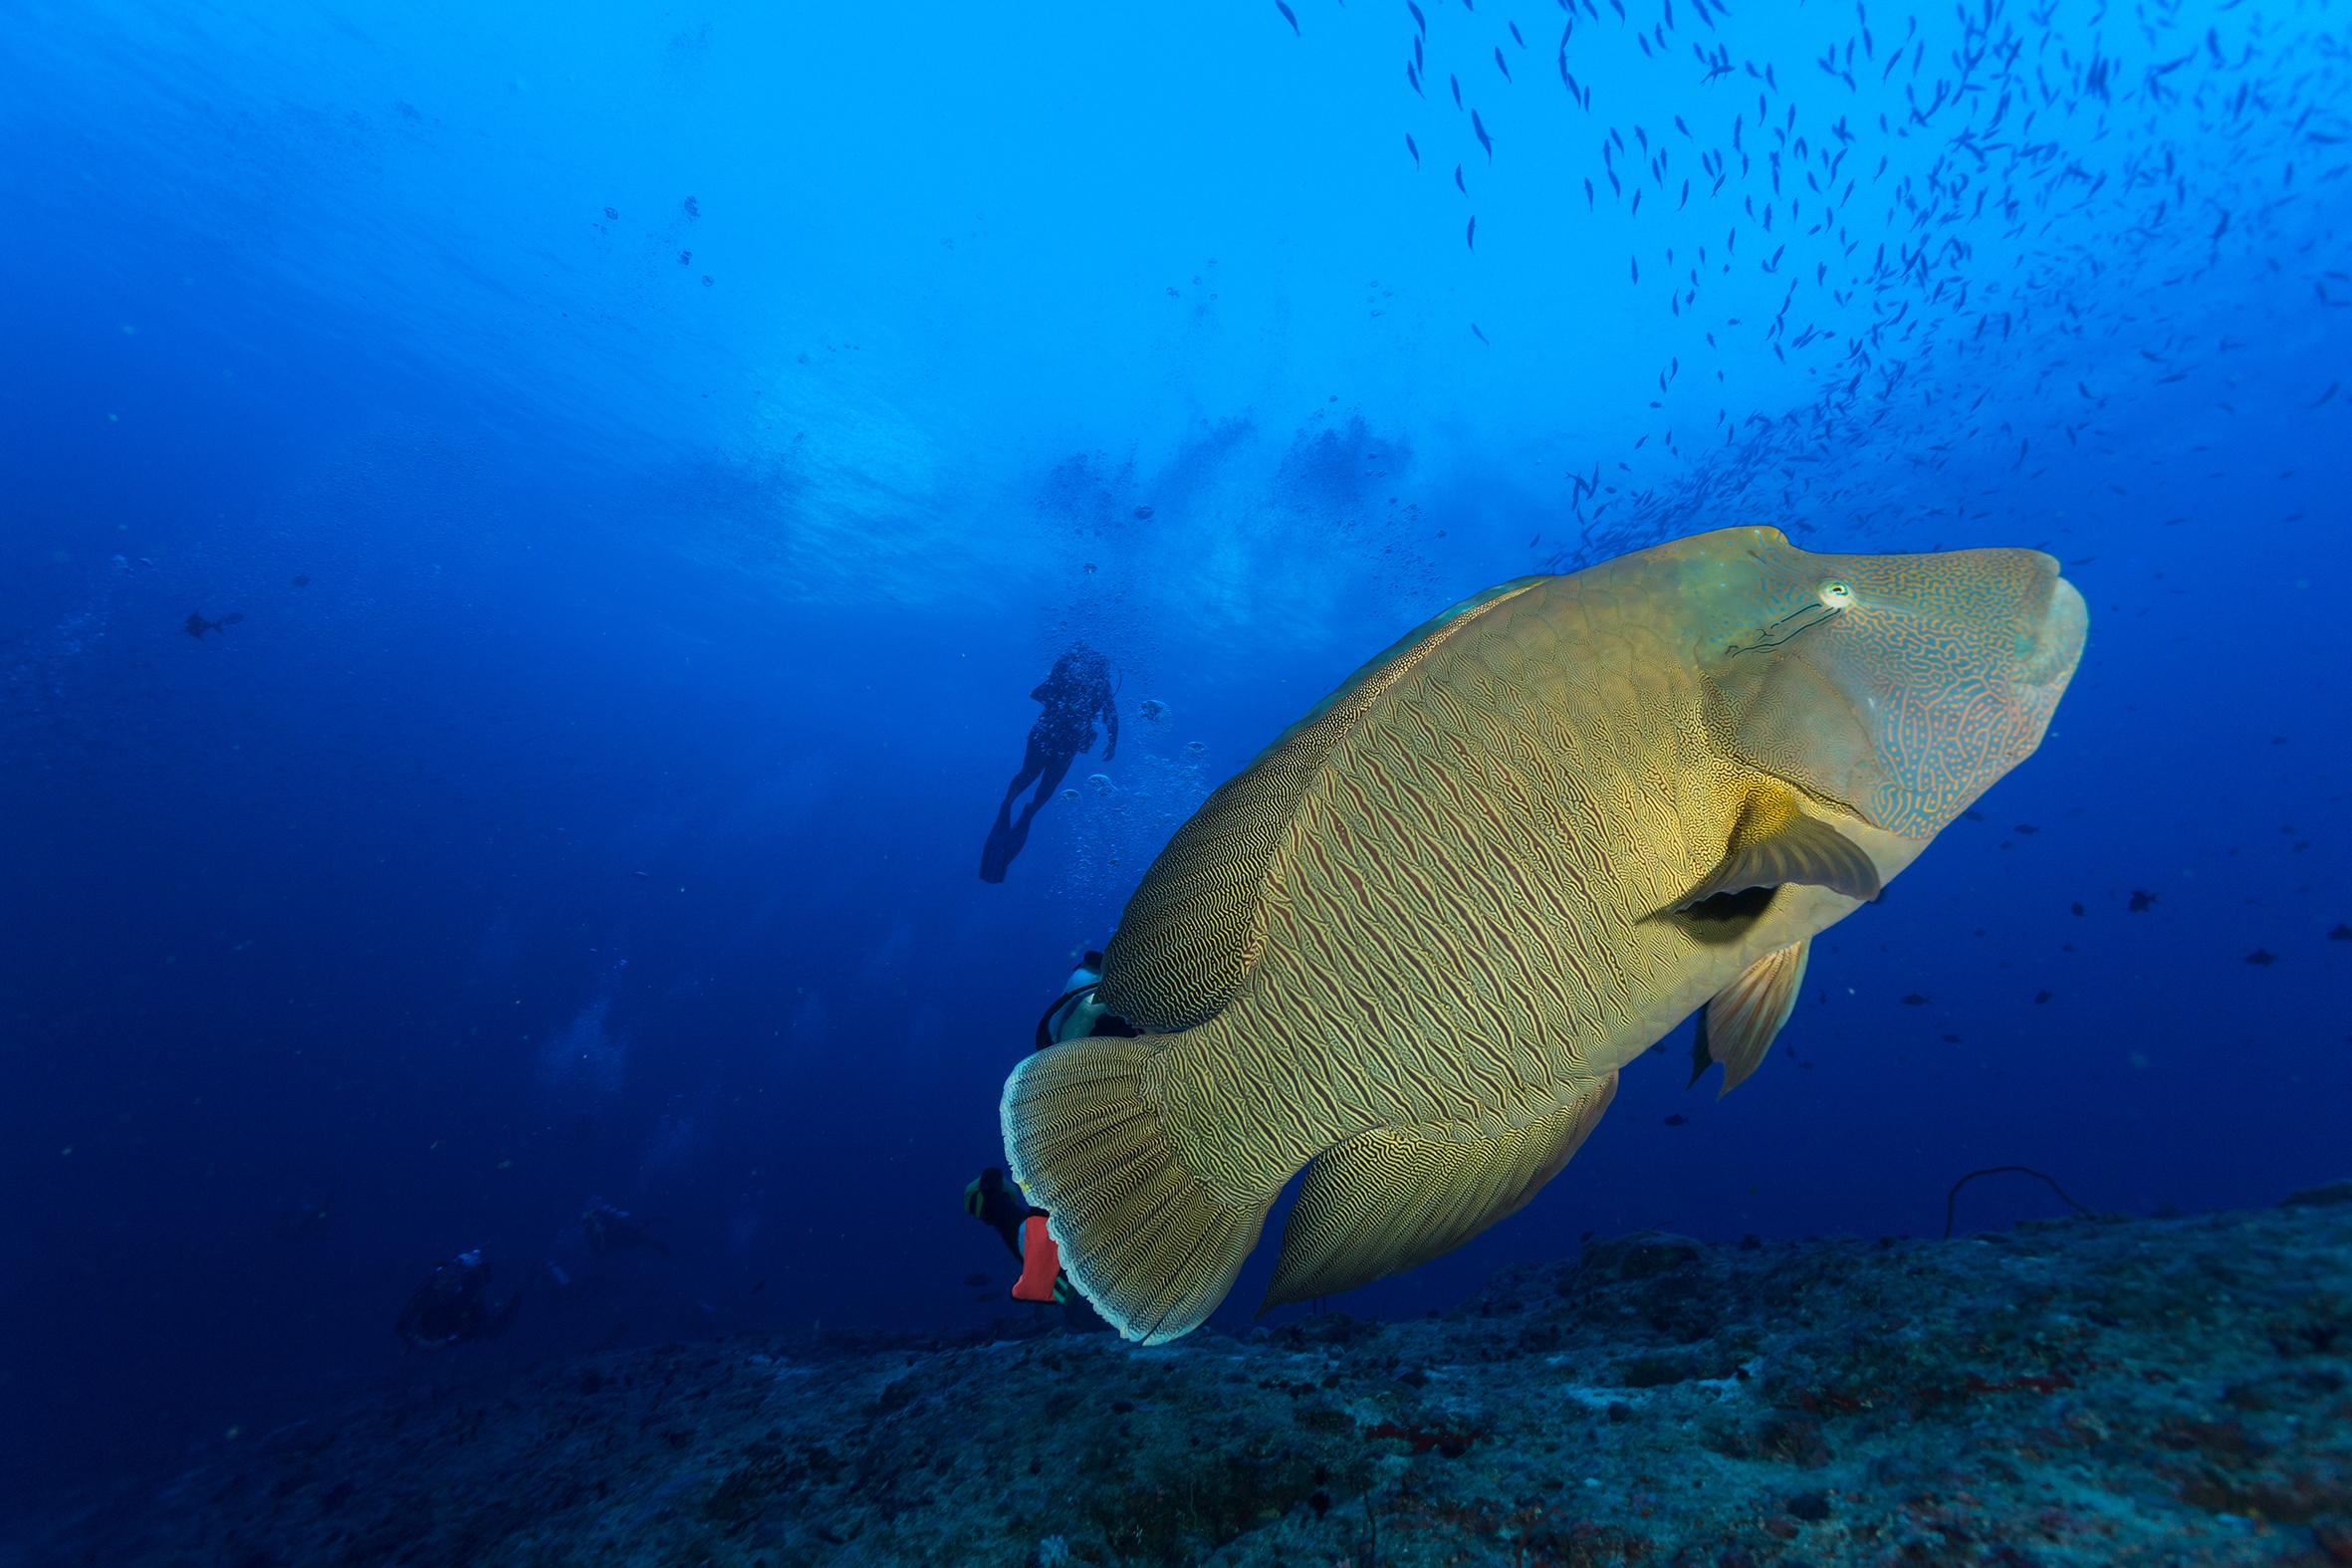 寶可夢鯉魚王真實現身 彷若海底王者